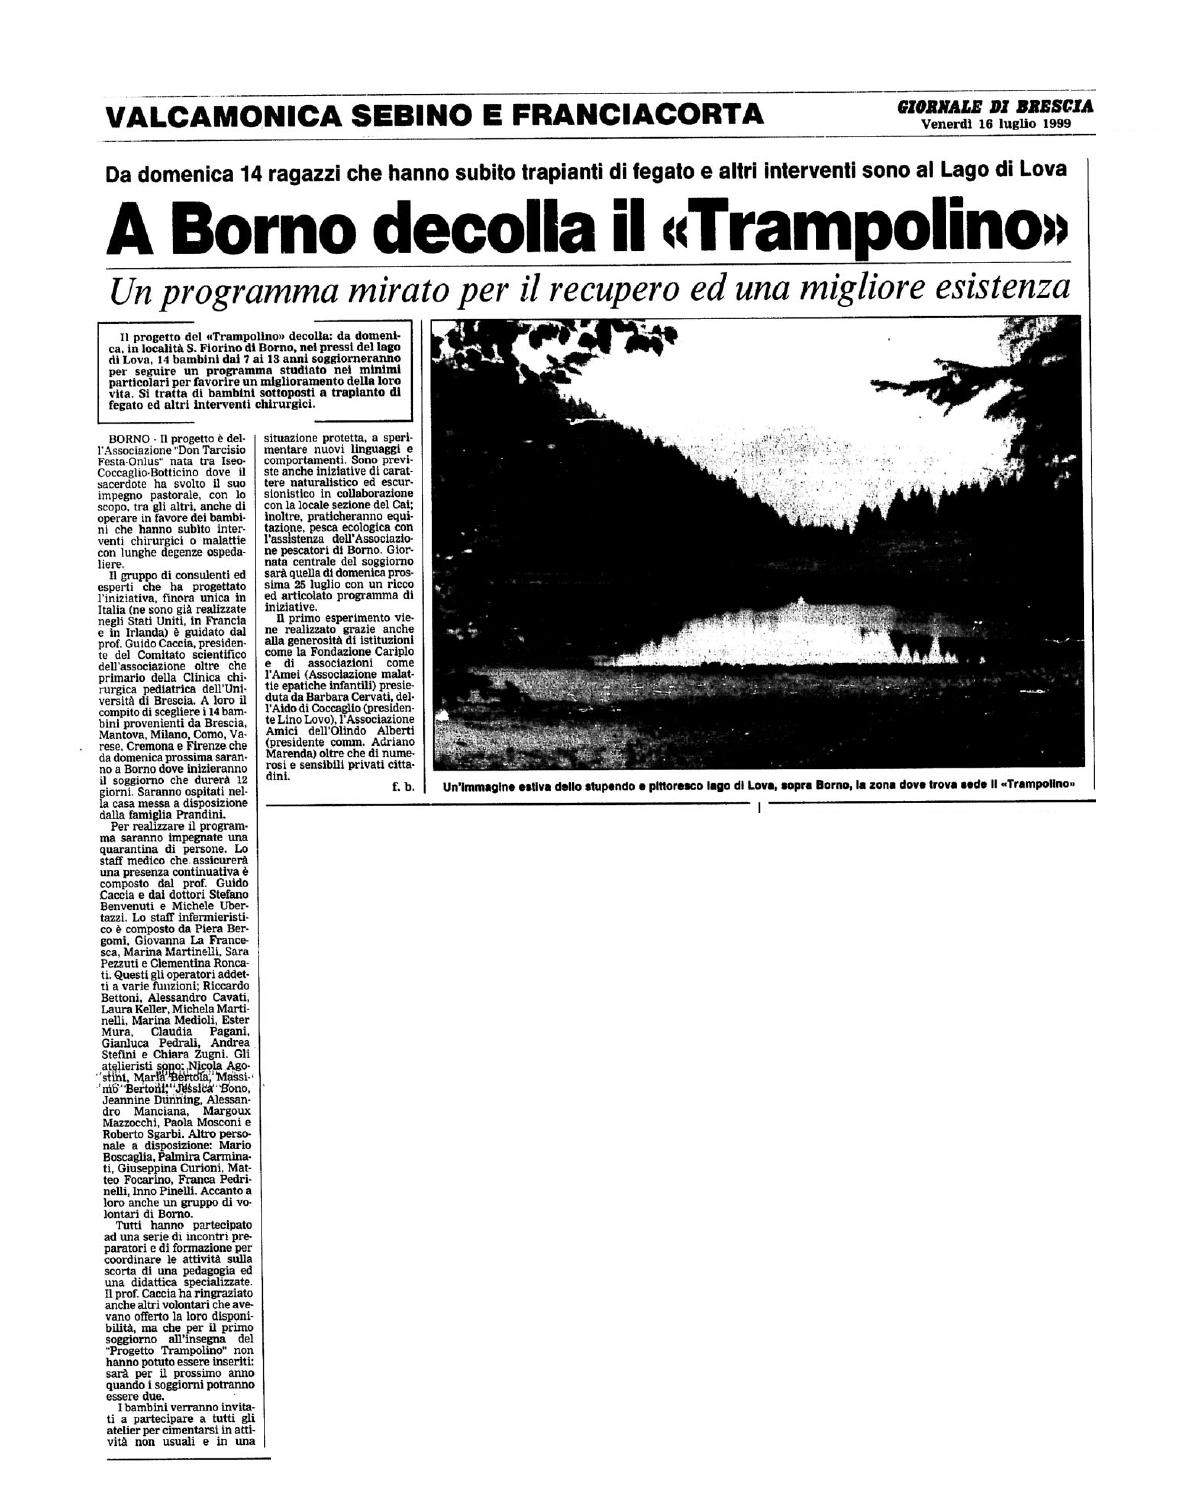 1999 07 16 A Borno decolla il Trampolino